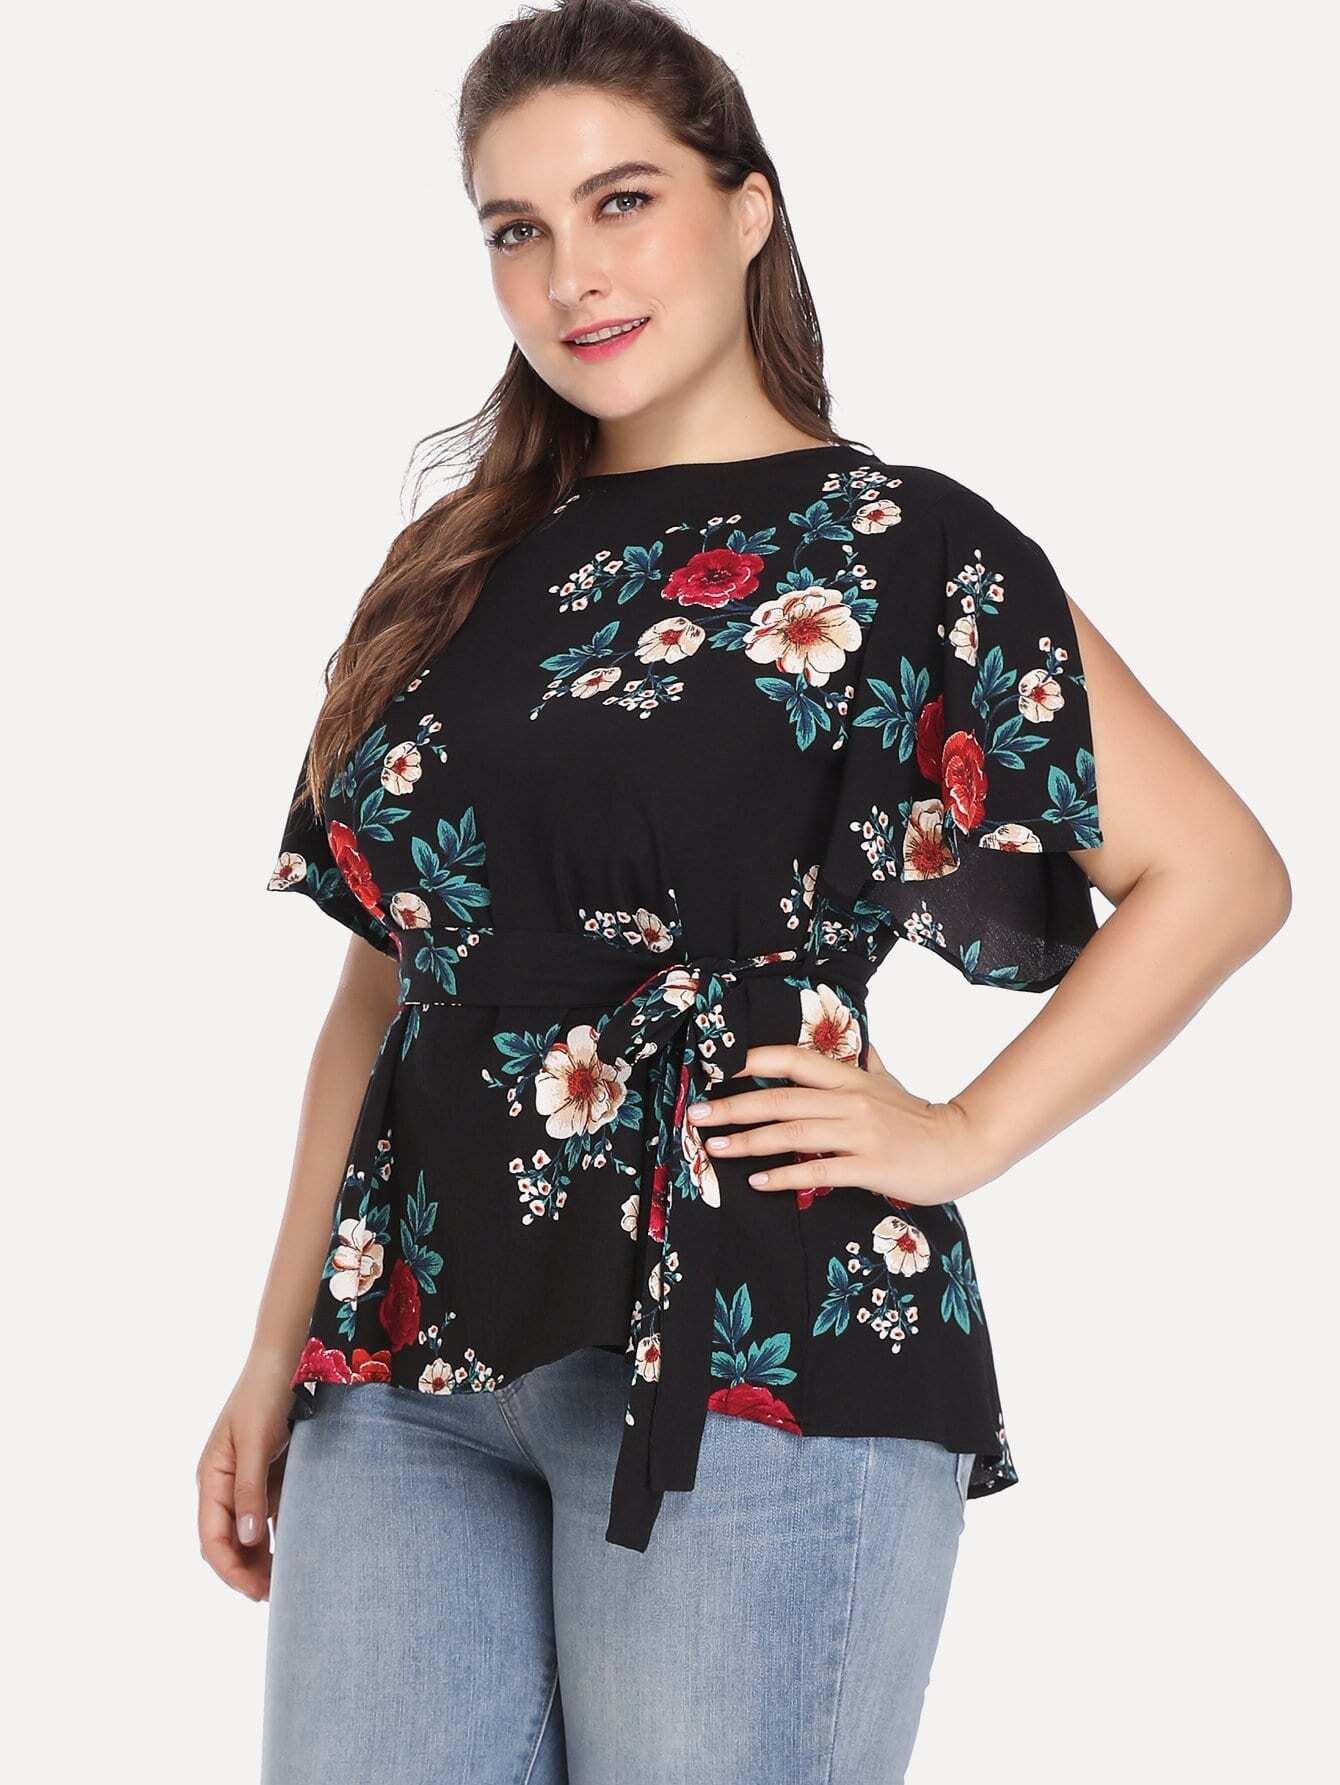 Übergroße Bluse mit Schlitz auf den Ärmeln, Blumenmuster und Selbstbindung